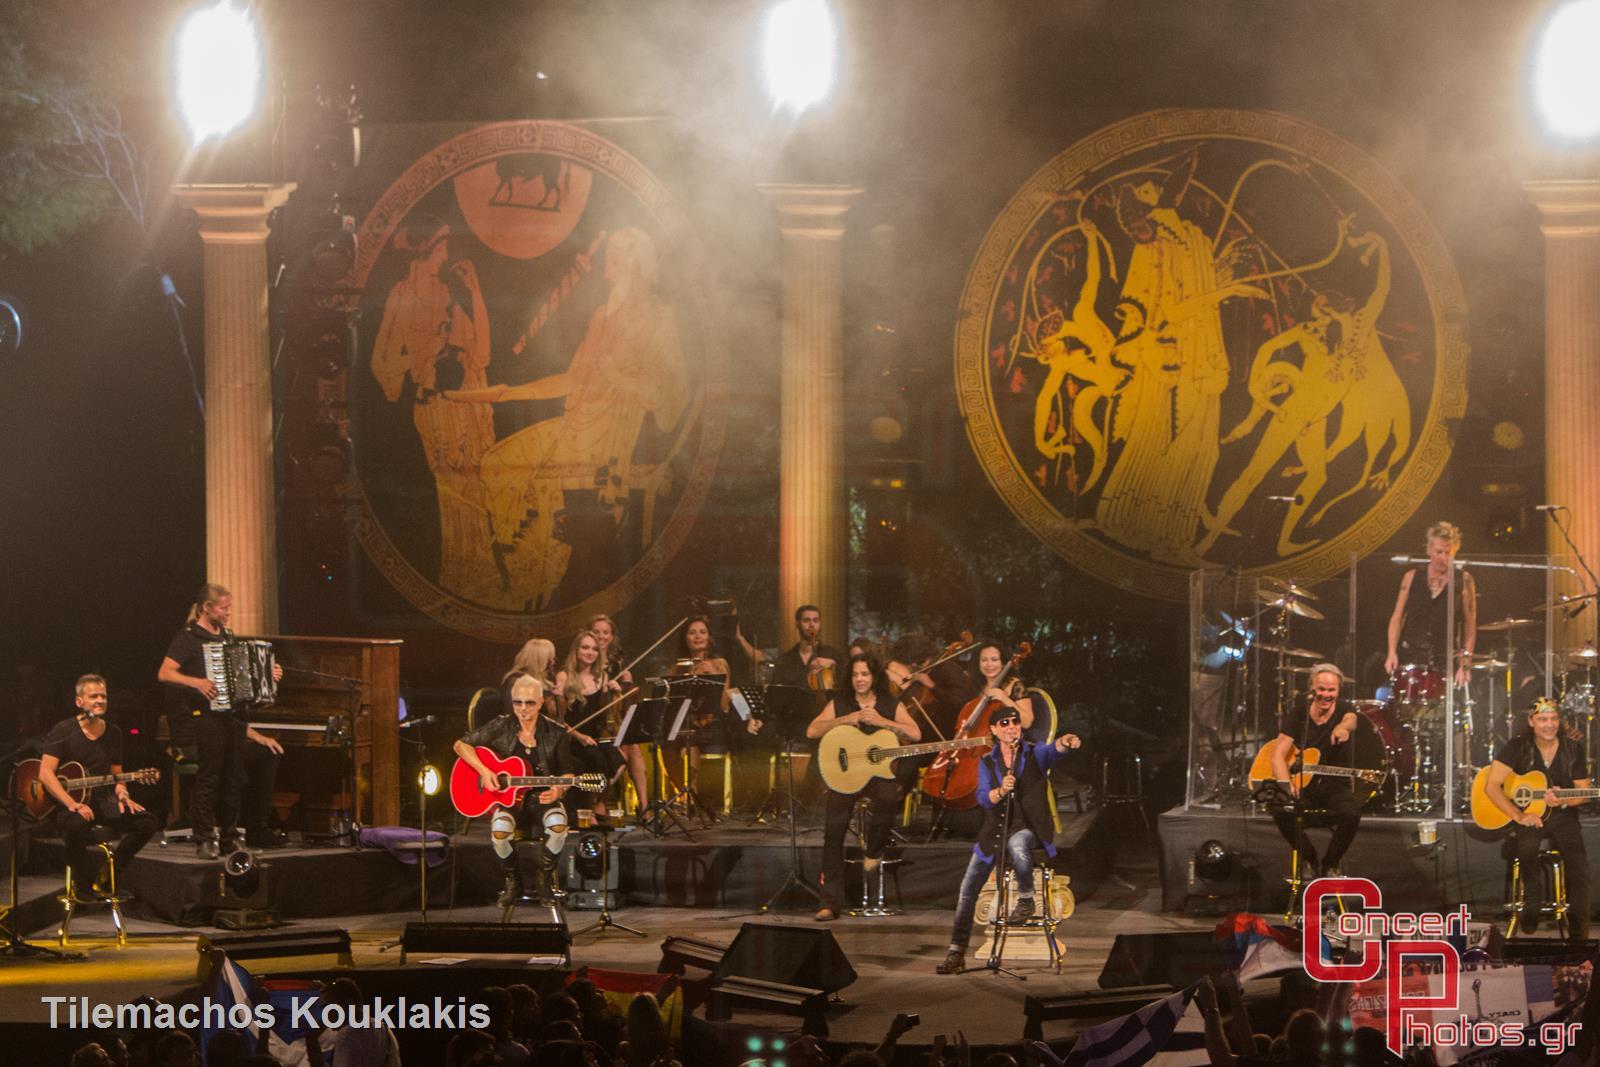 Scorpions-Scorpions photographer: Tilemachos Kouklakis - concertphotos_-6673